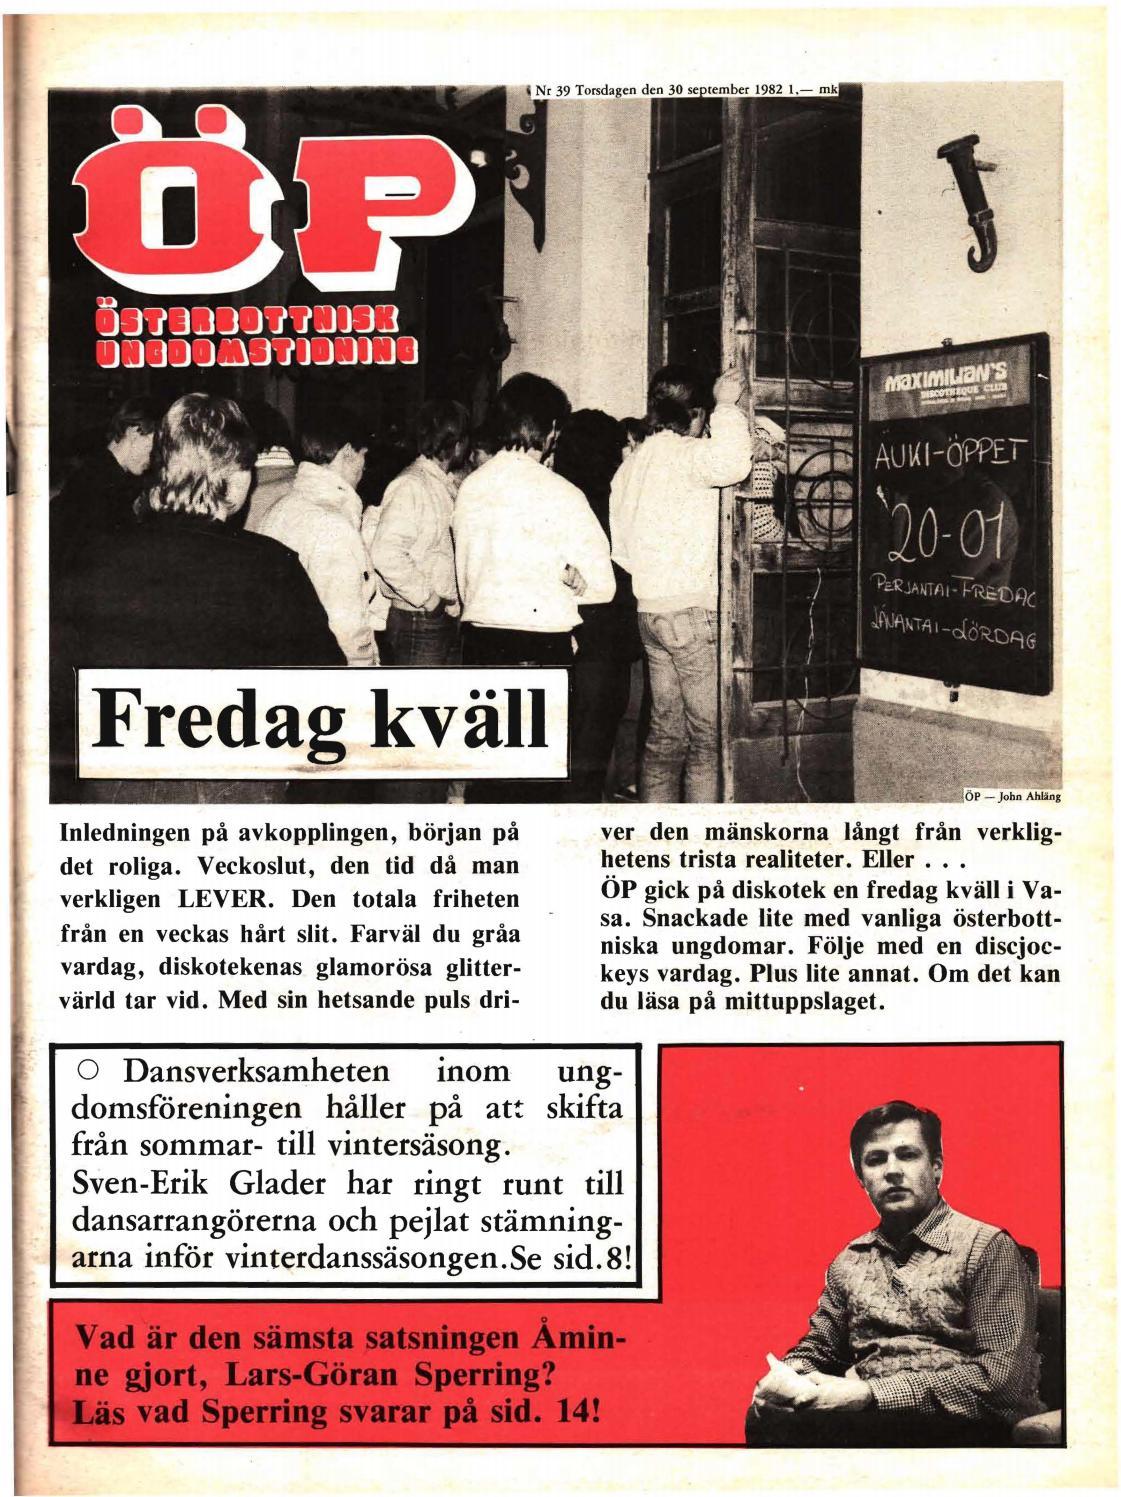 Österbottniska posten (Öp) nr. 7 1980 by Österbottniska posten   issuu